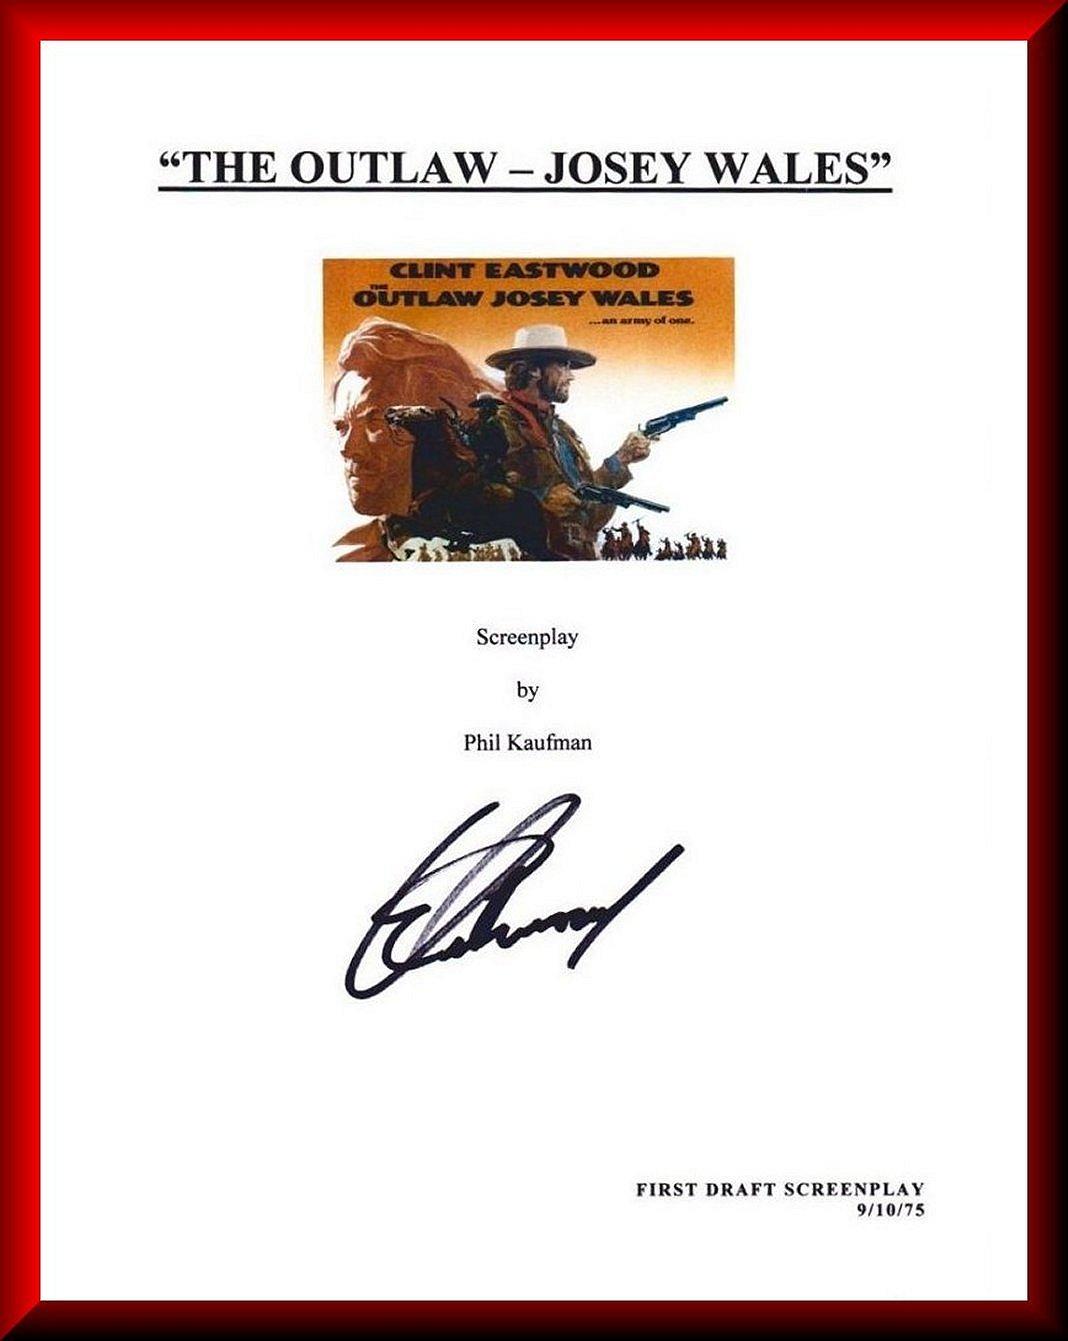 AACS Autographs: Clint Eastwood Autographed